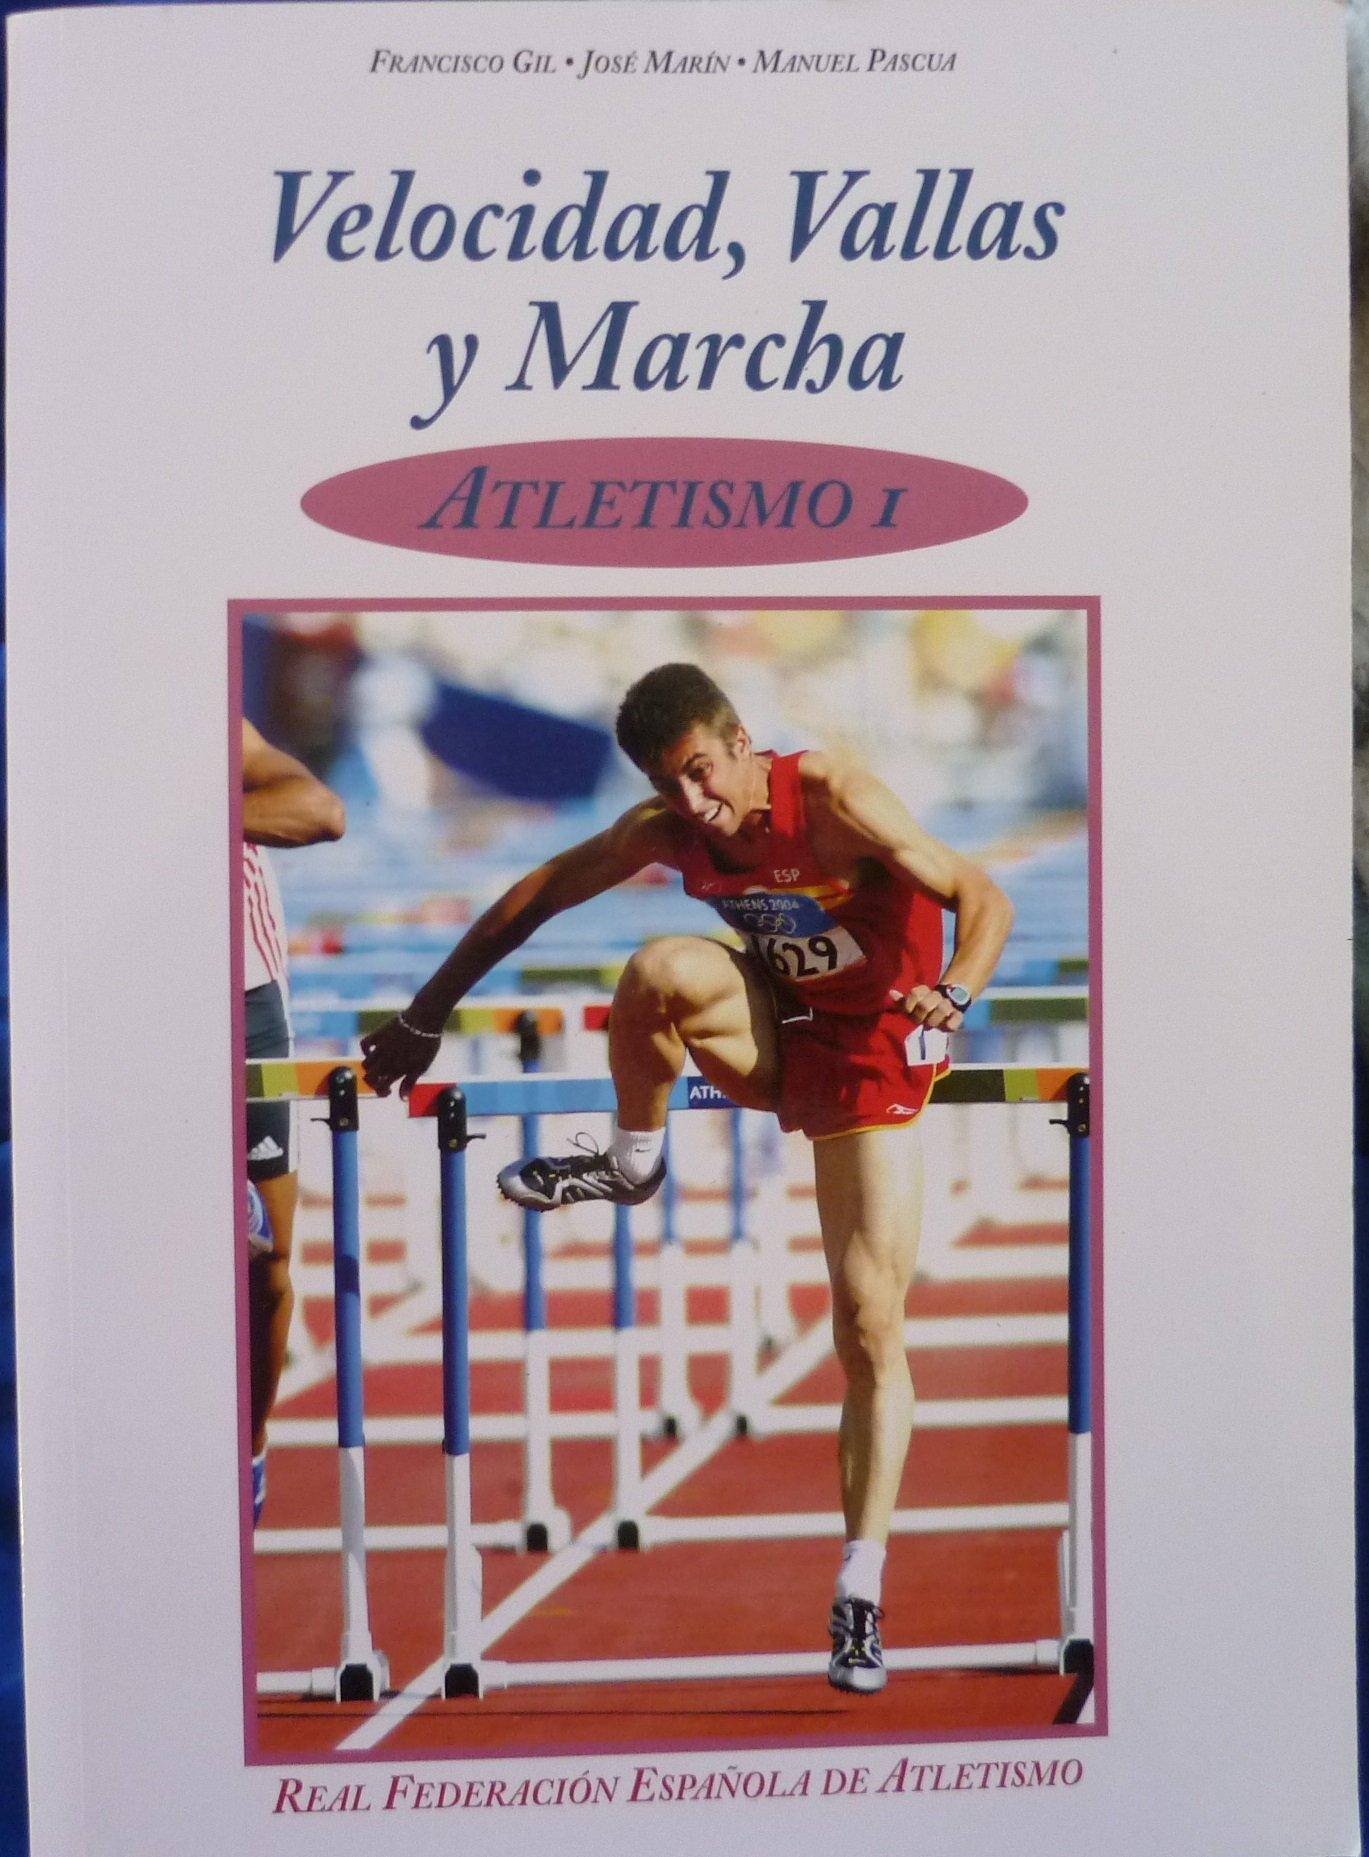 Velocidad, vallas y marcha - atletismo I: Amazon.es: Gil, Francisco, Marin, Jose, Pascua, Manuel: Libros